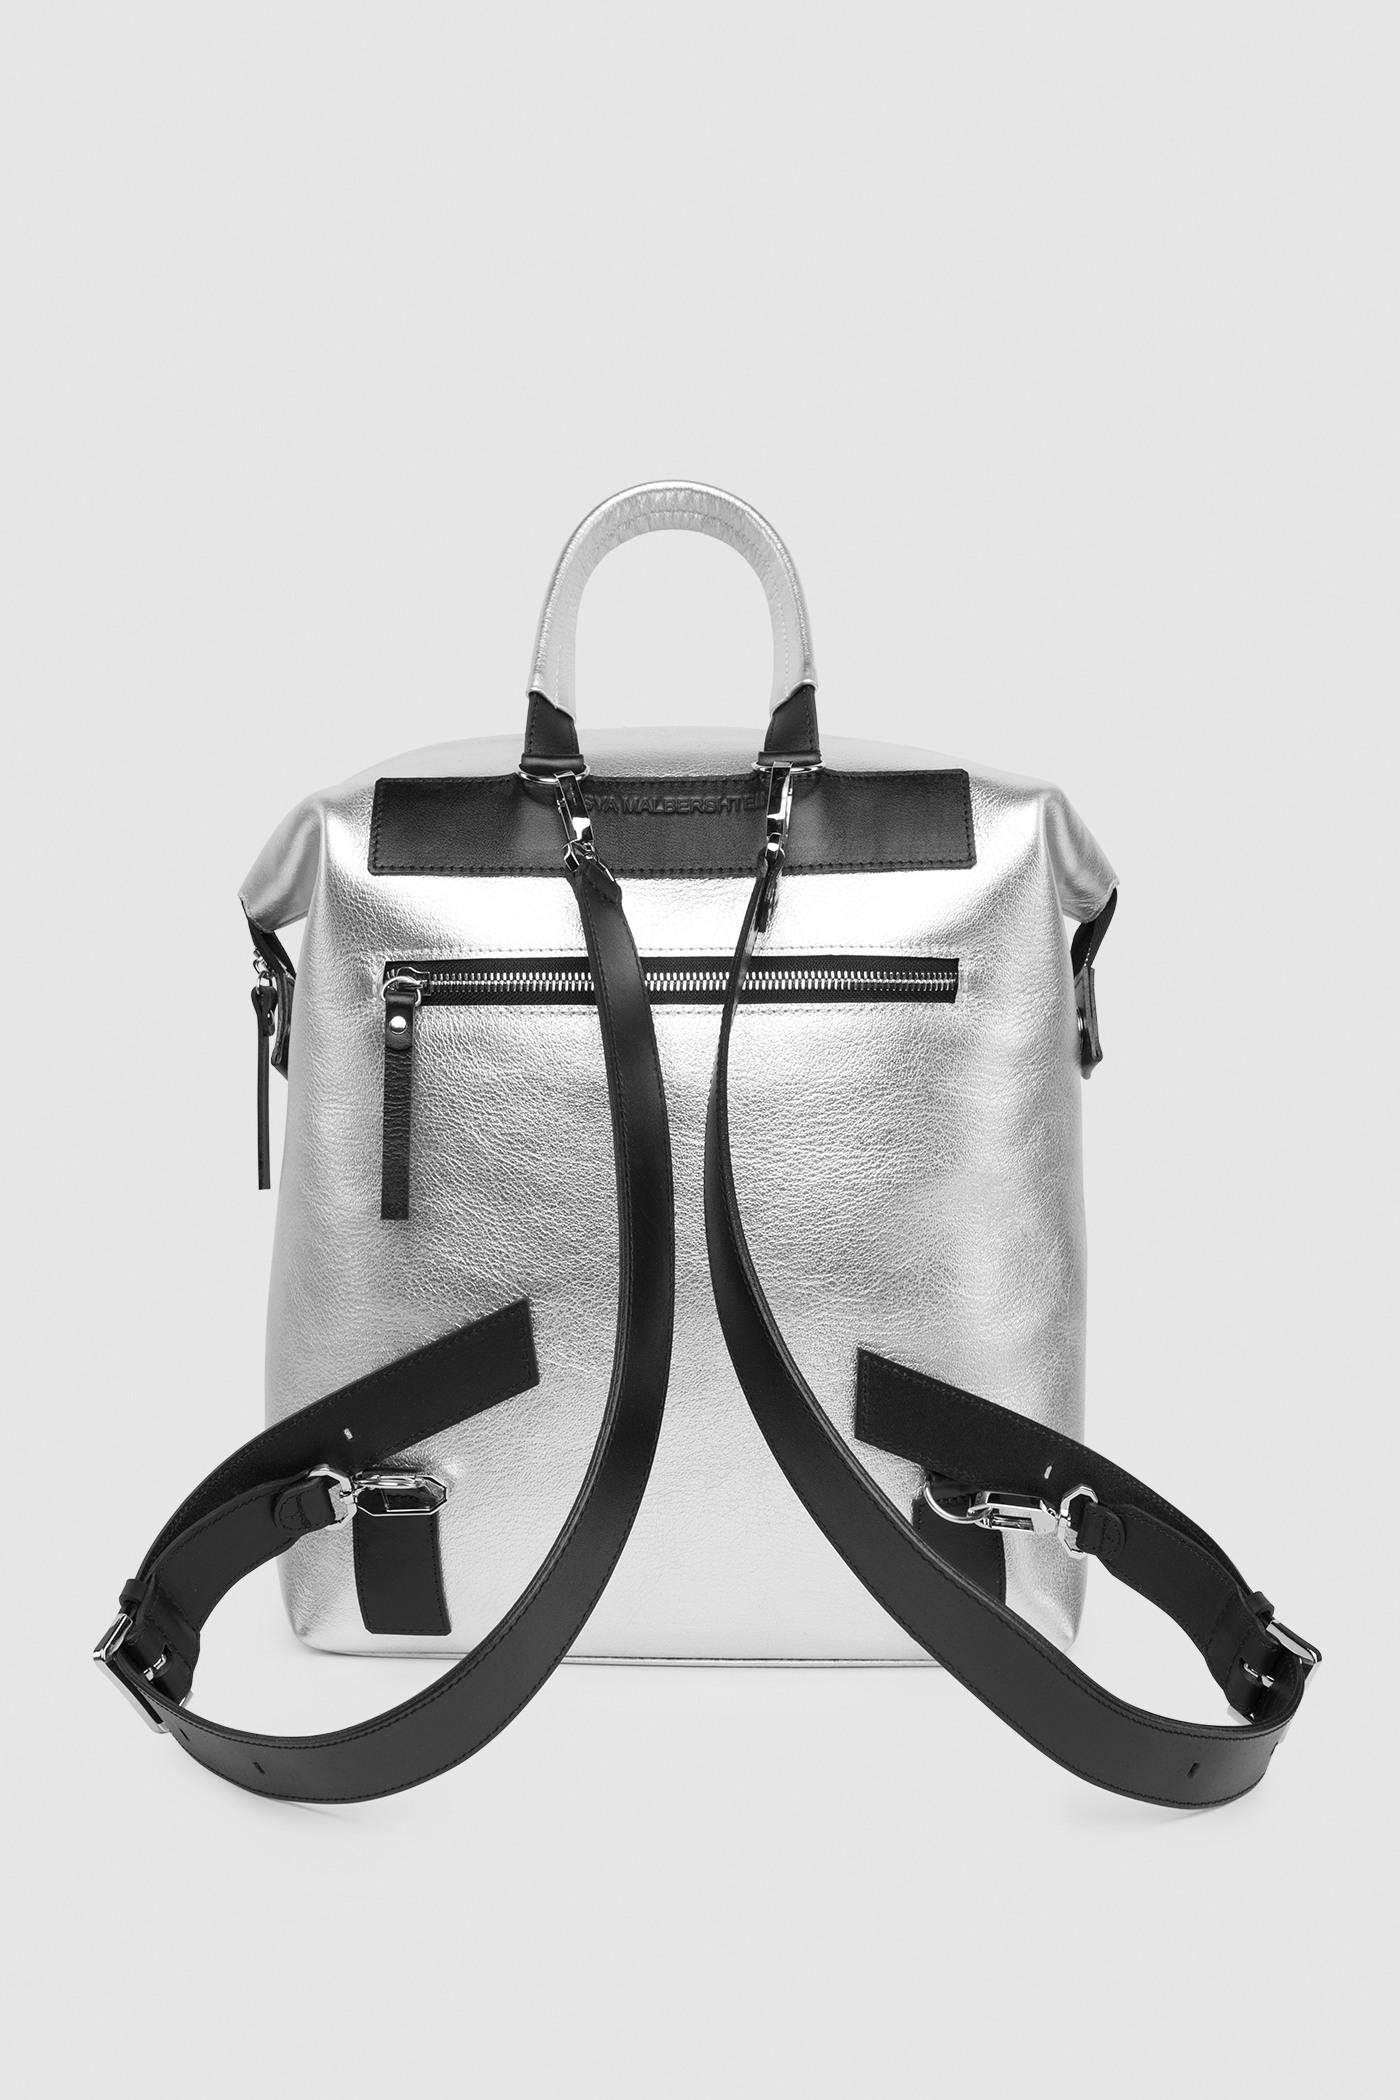 РюкзакРюкзак-трансформер &#13;<br>&#13;<br>&#13;<br>яркая вместительная сумка-рюкзак прямоугольной формы, выполнена из металлизированной кожи&#13;<br>&#13;<br>если перестегнуть лямки и загнуть крышку, он превращается в сумку через плечо&#13;<br>&#13;<br>унисекс&#13;<br>&#13;<br>держит форму&#13;<br>&#13;<br>большое основное отделение&#13;<br>&#13;<br>на задней и передней стенке рюкзака карманы на молнии&#13;<br>&#13;<br>внутренний карман для документов&#13;<br>&#13;<br>лямки на регуляторах из ремневой кожи&#13;<br>&#13;<br>защита нижних кантов от износа двойным дном&#13;<br>&#13;<br>тканная подкладка&#13;<br>&#13;<br>размеры: 32х36х10 см, идеально поместится MacBook 13<br><br>Цвет: Серебро